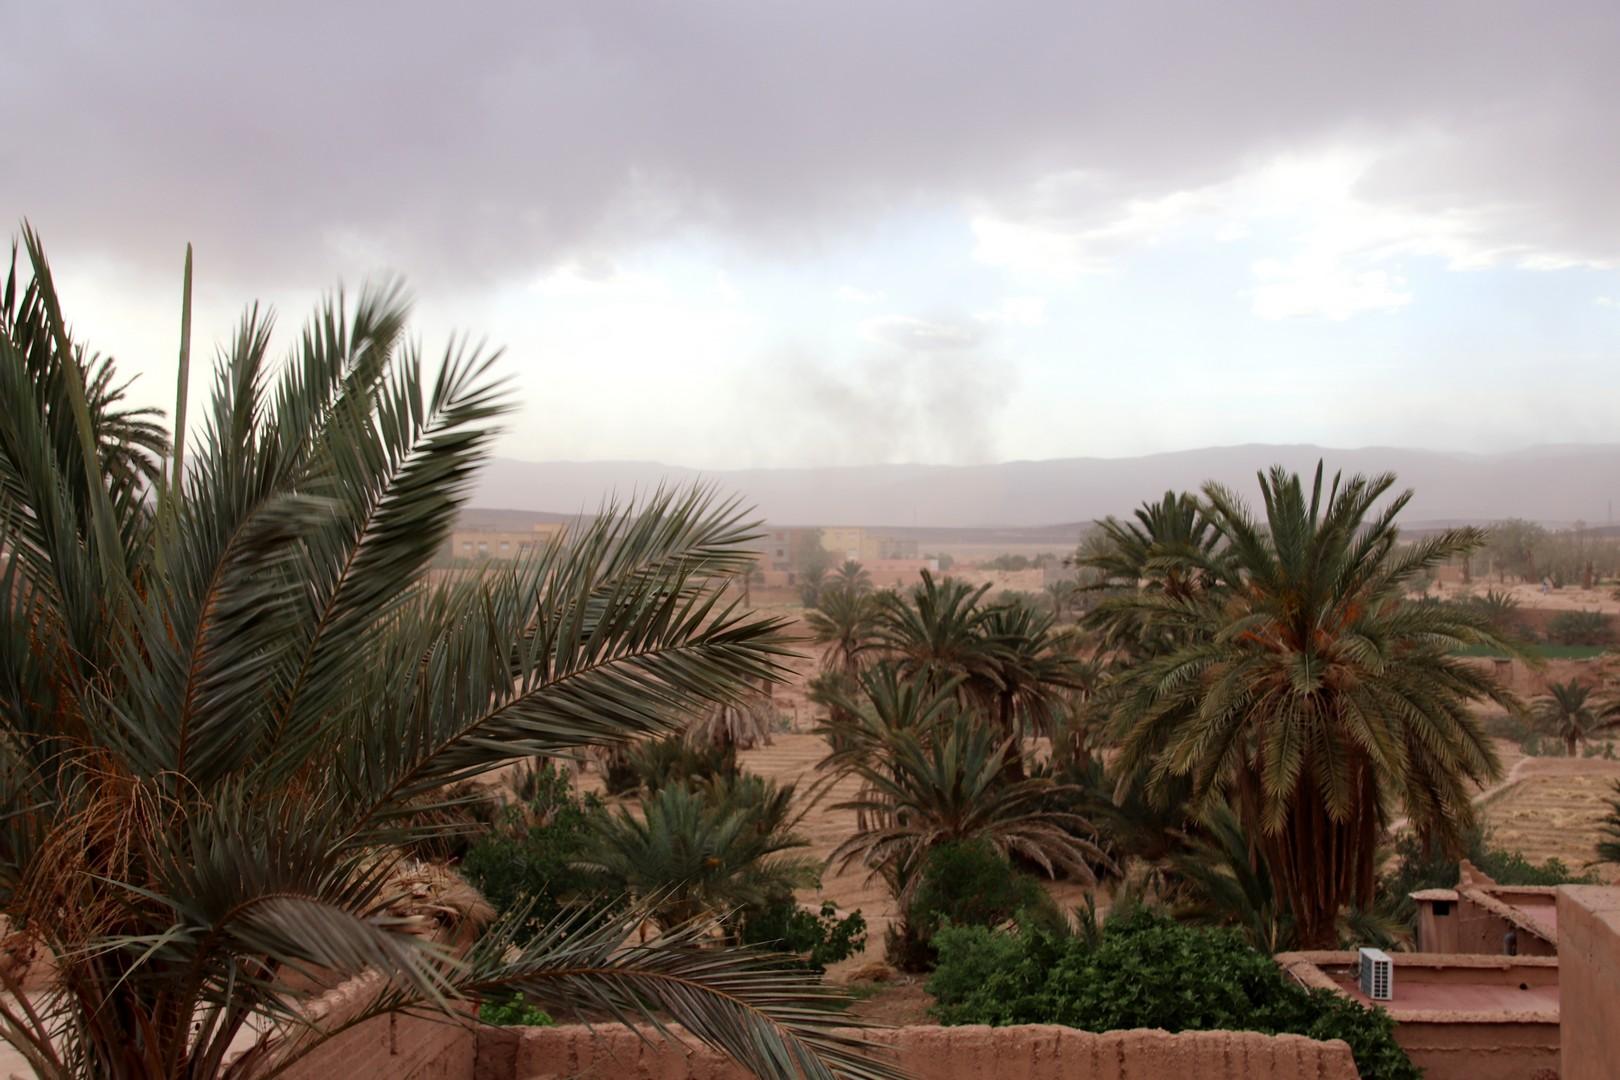 Maroc - Tempête de sable dans le désert